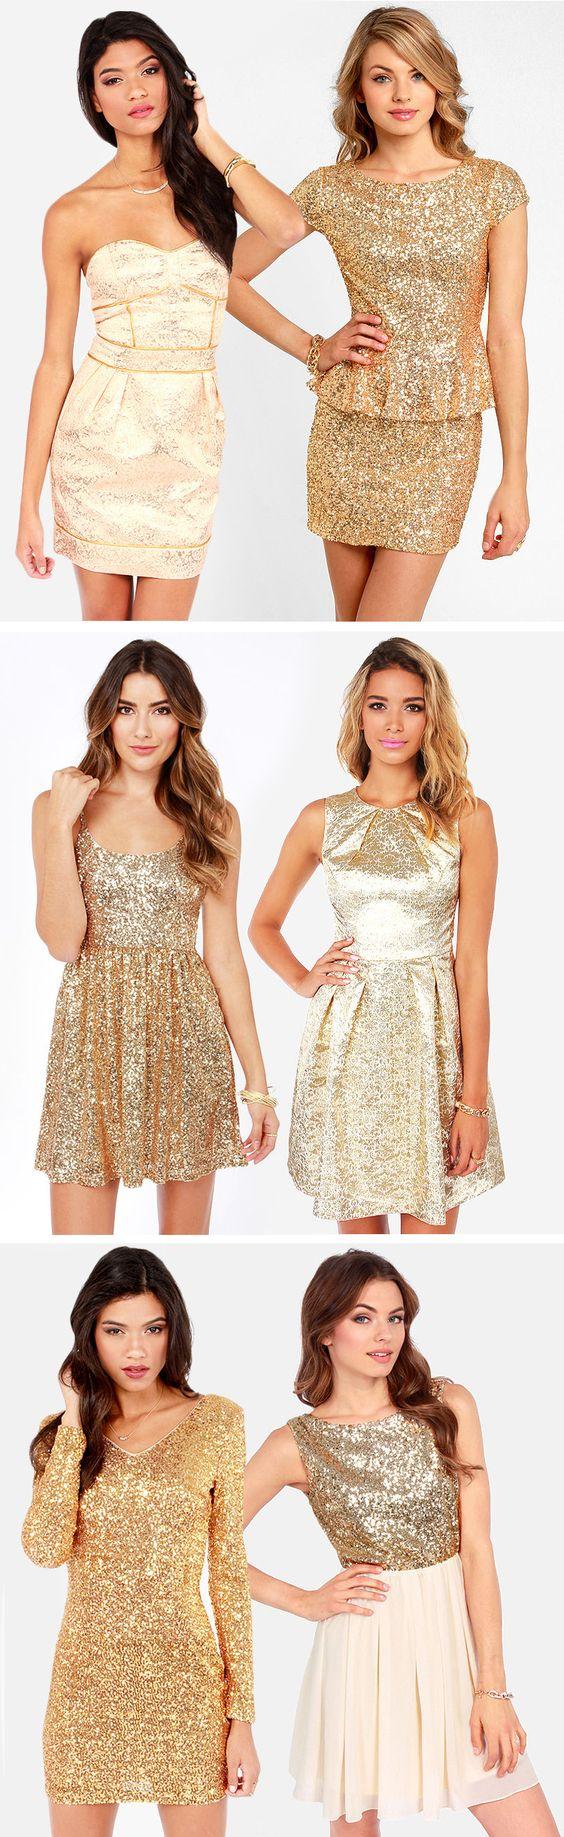 vestidos-dourados-curtos-moda-2017